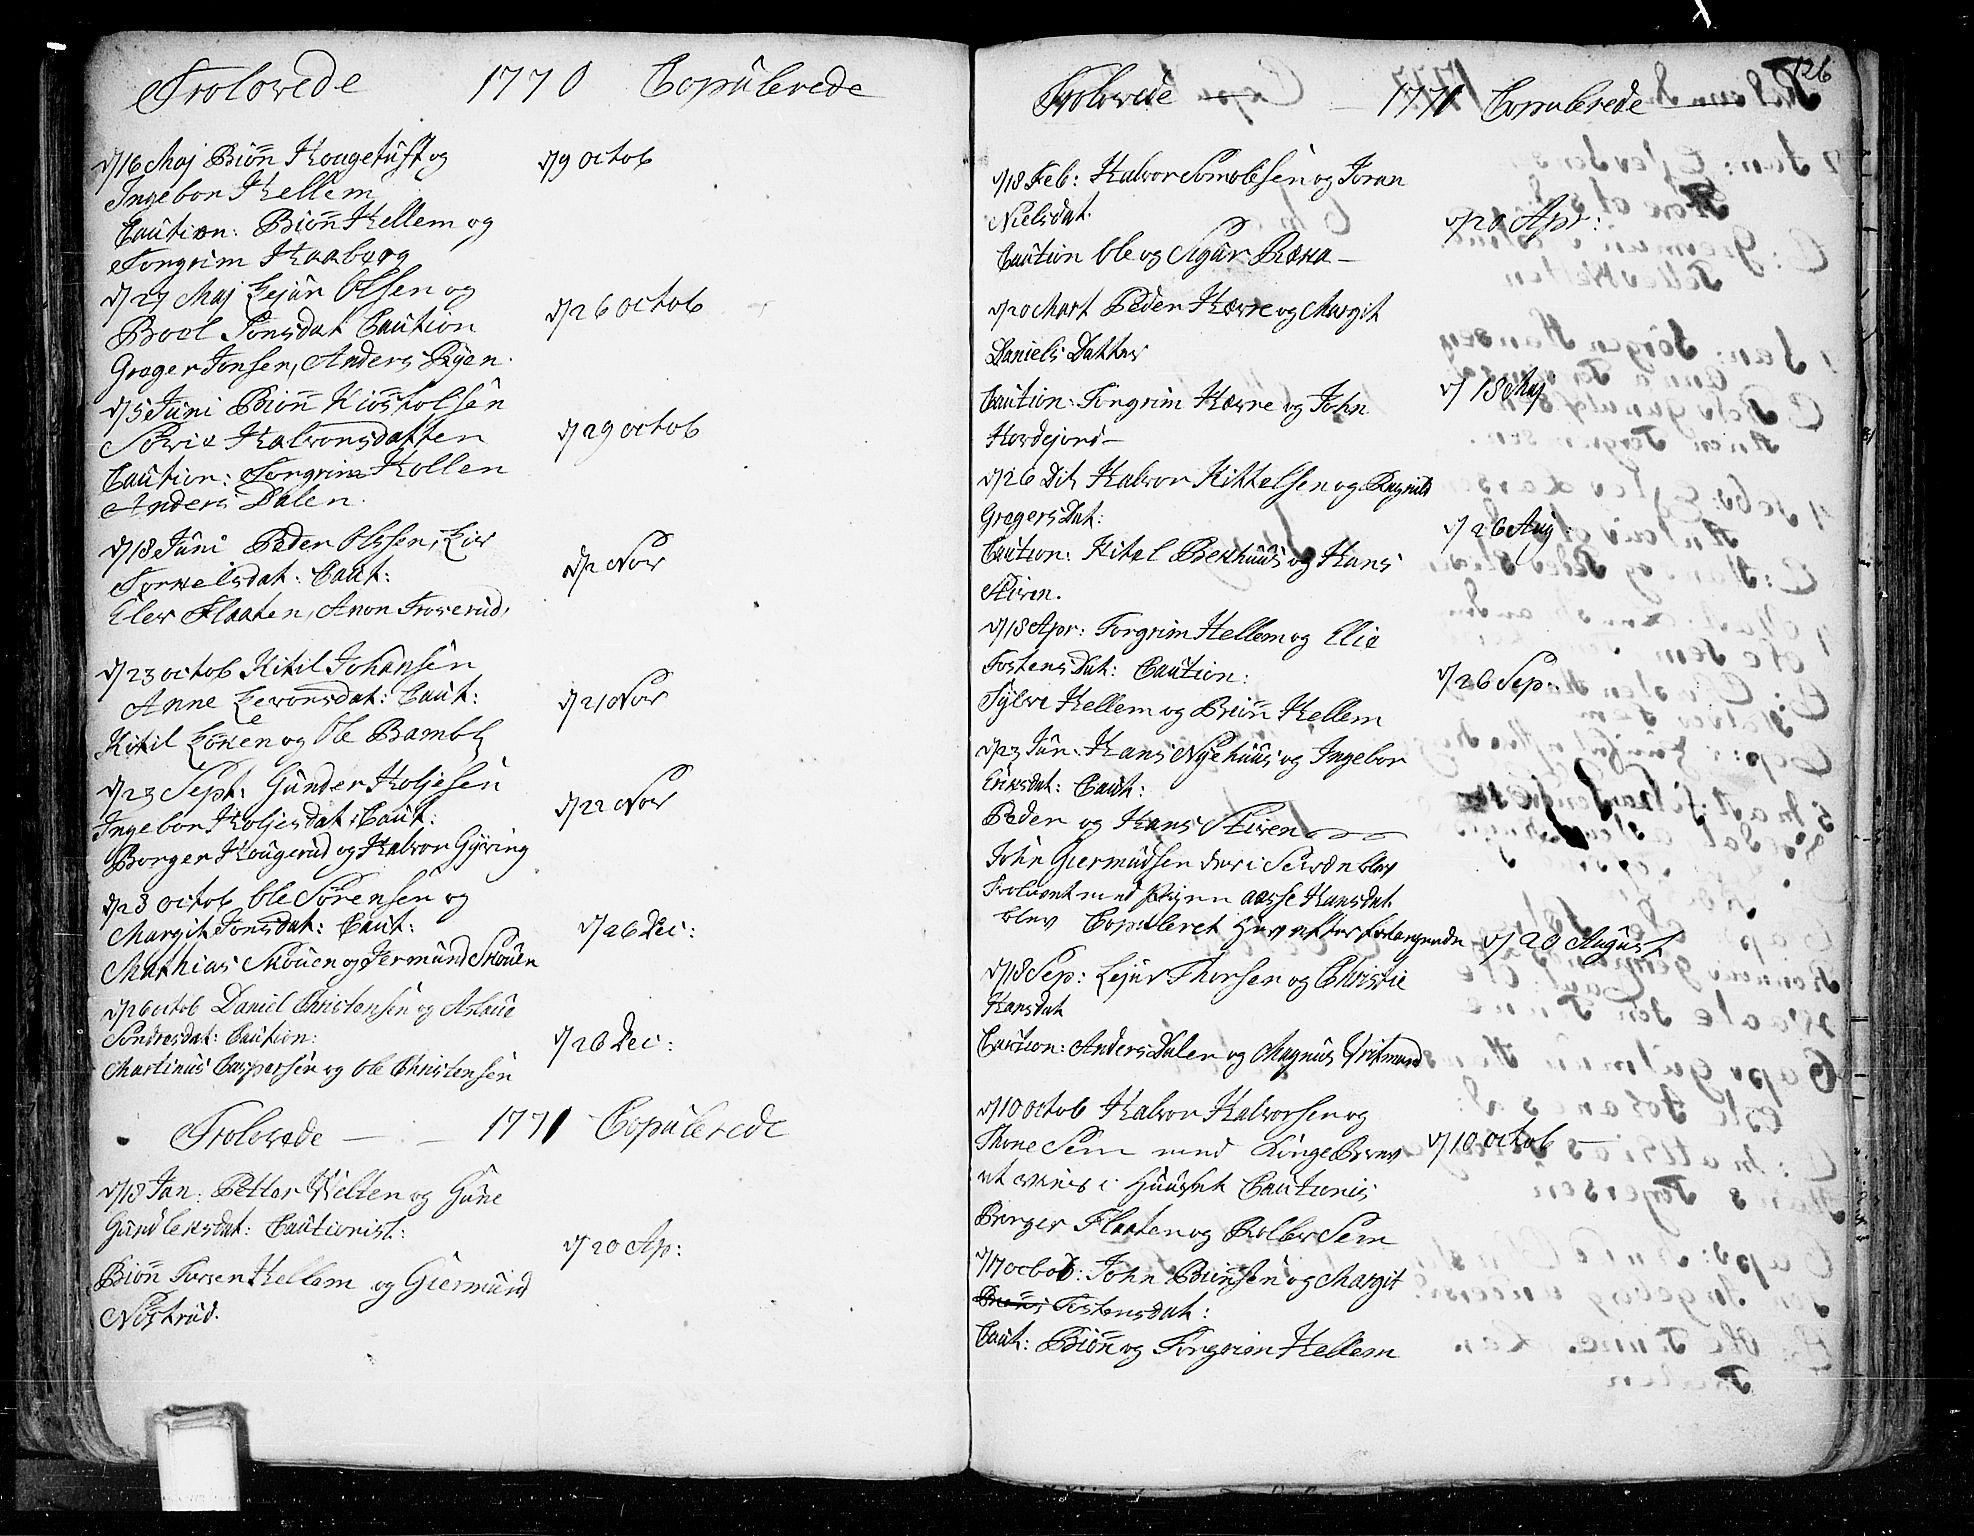 SAKO, Heddal kirkebøker, F/Fa/L0003: Ministerialbok nr. I 3, 1723-1783, s. 126